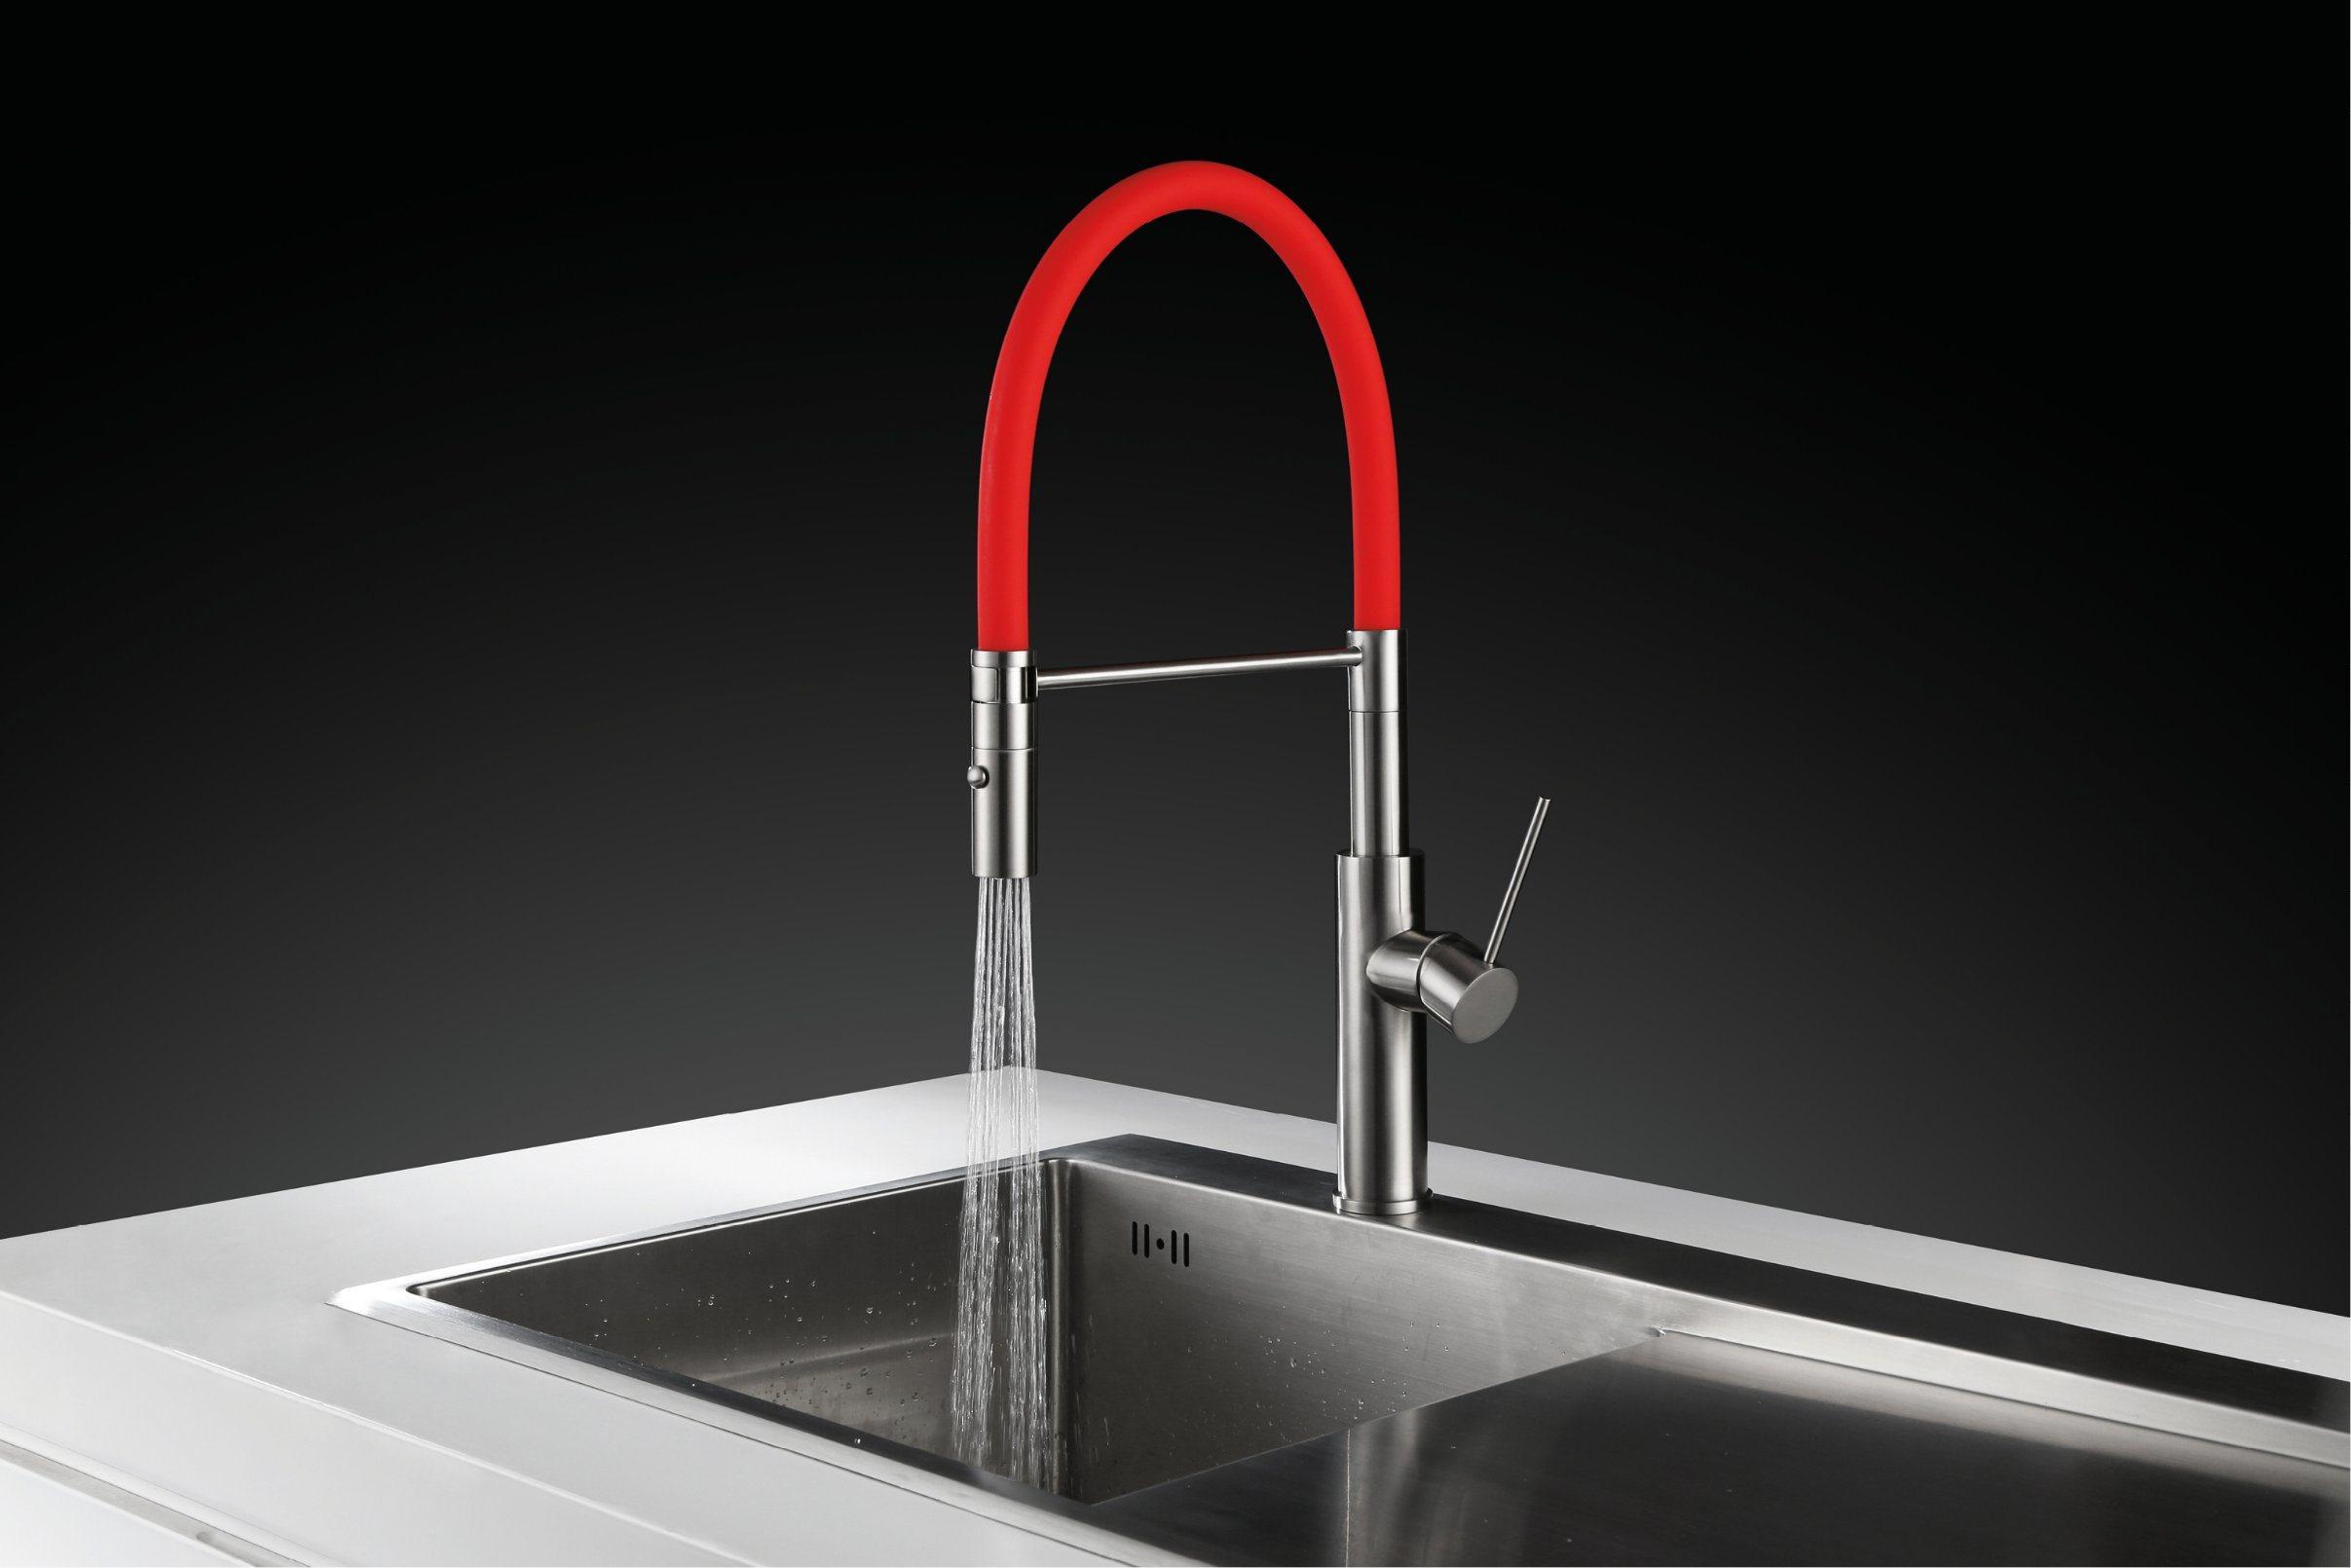 High Quality Rubber Spout Kitchen Sink Faucet